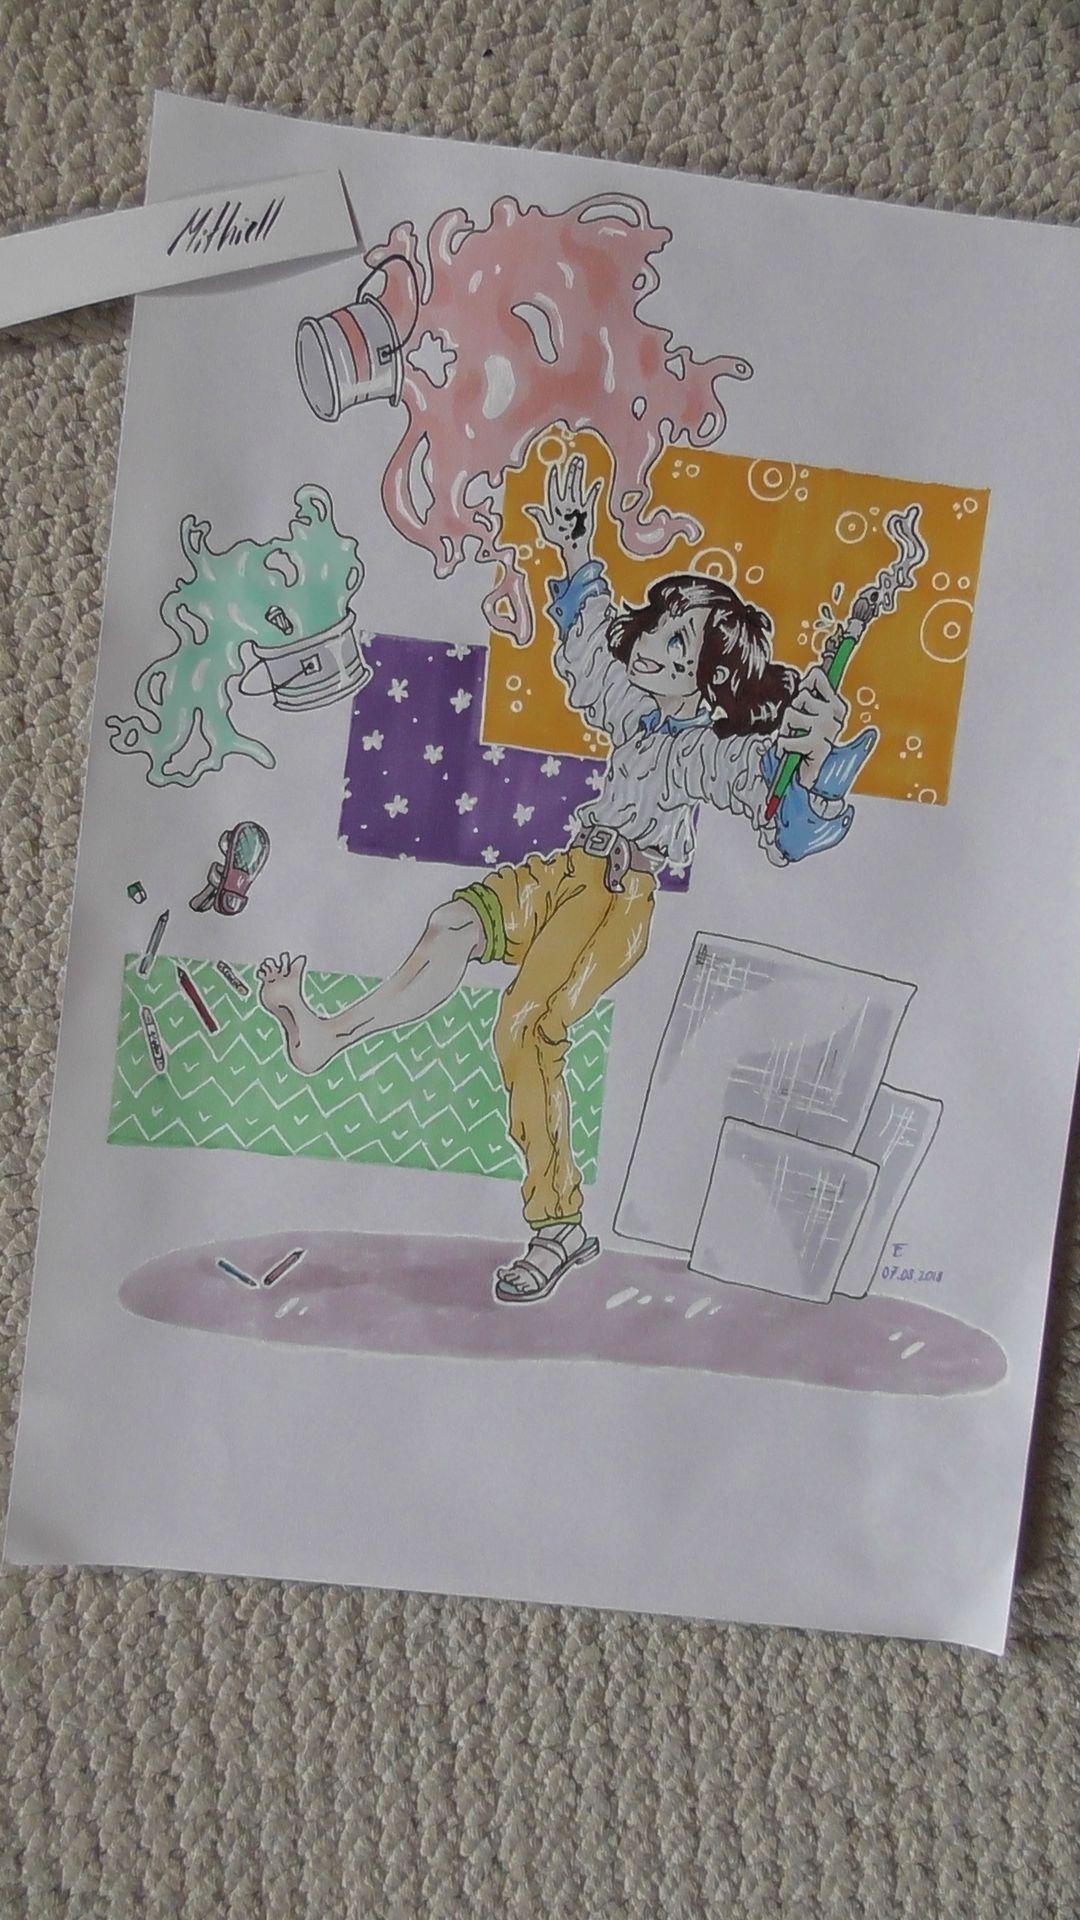 Zeichnungen Gedanken Gedichte Und Anderes Zeugs Das Mein Gehirn